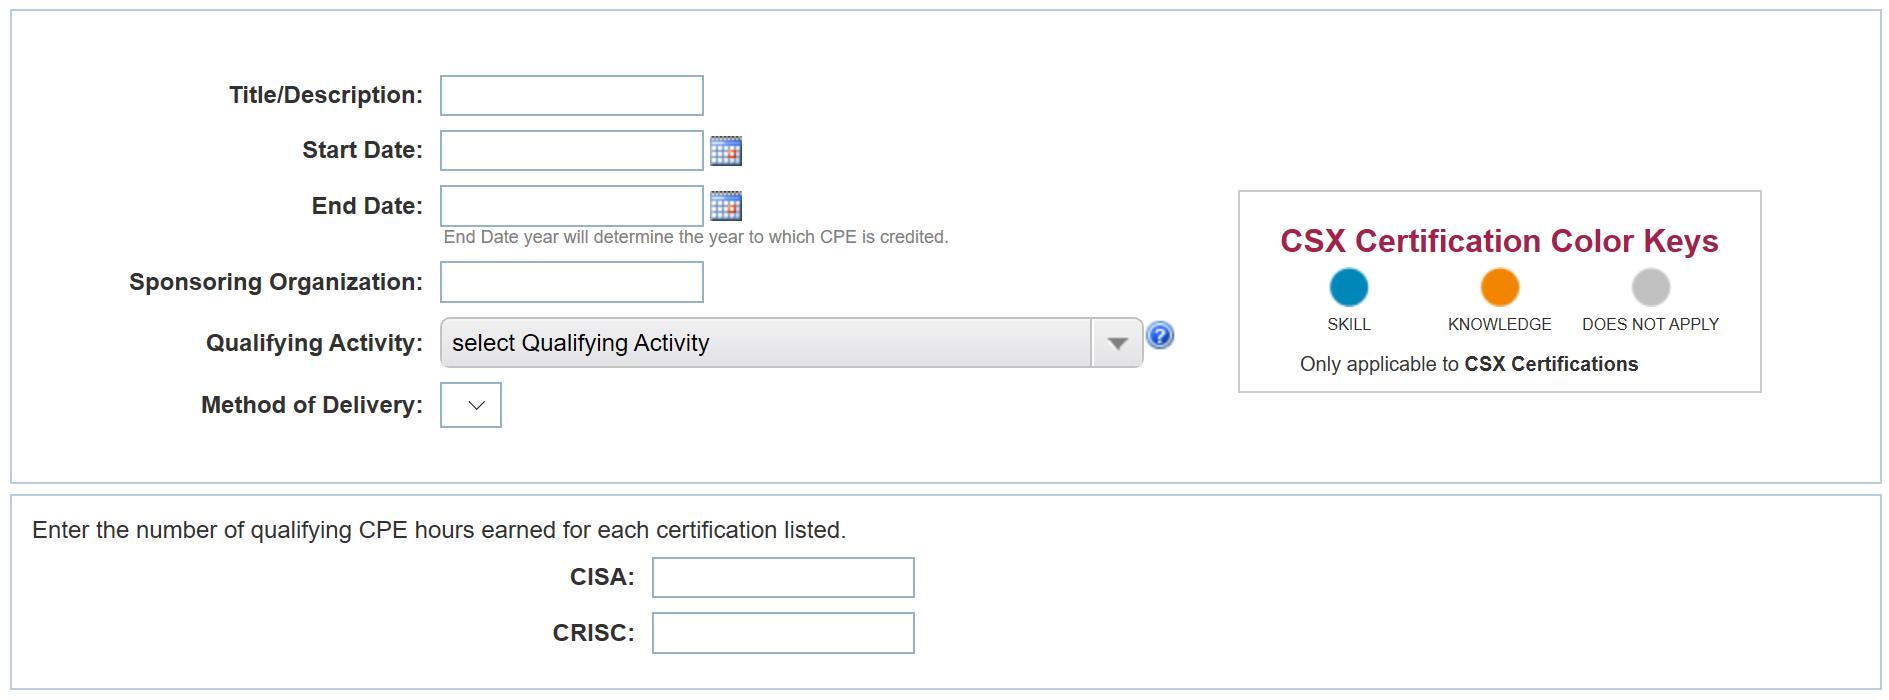 Получение CPE для поддержания профессиональных сертификаций (на примере ISACA) - 5